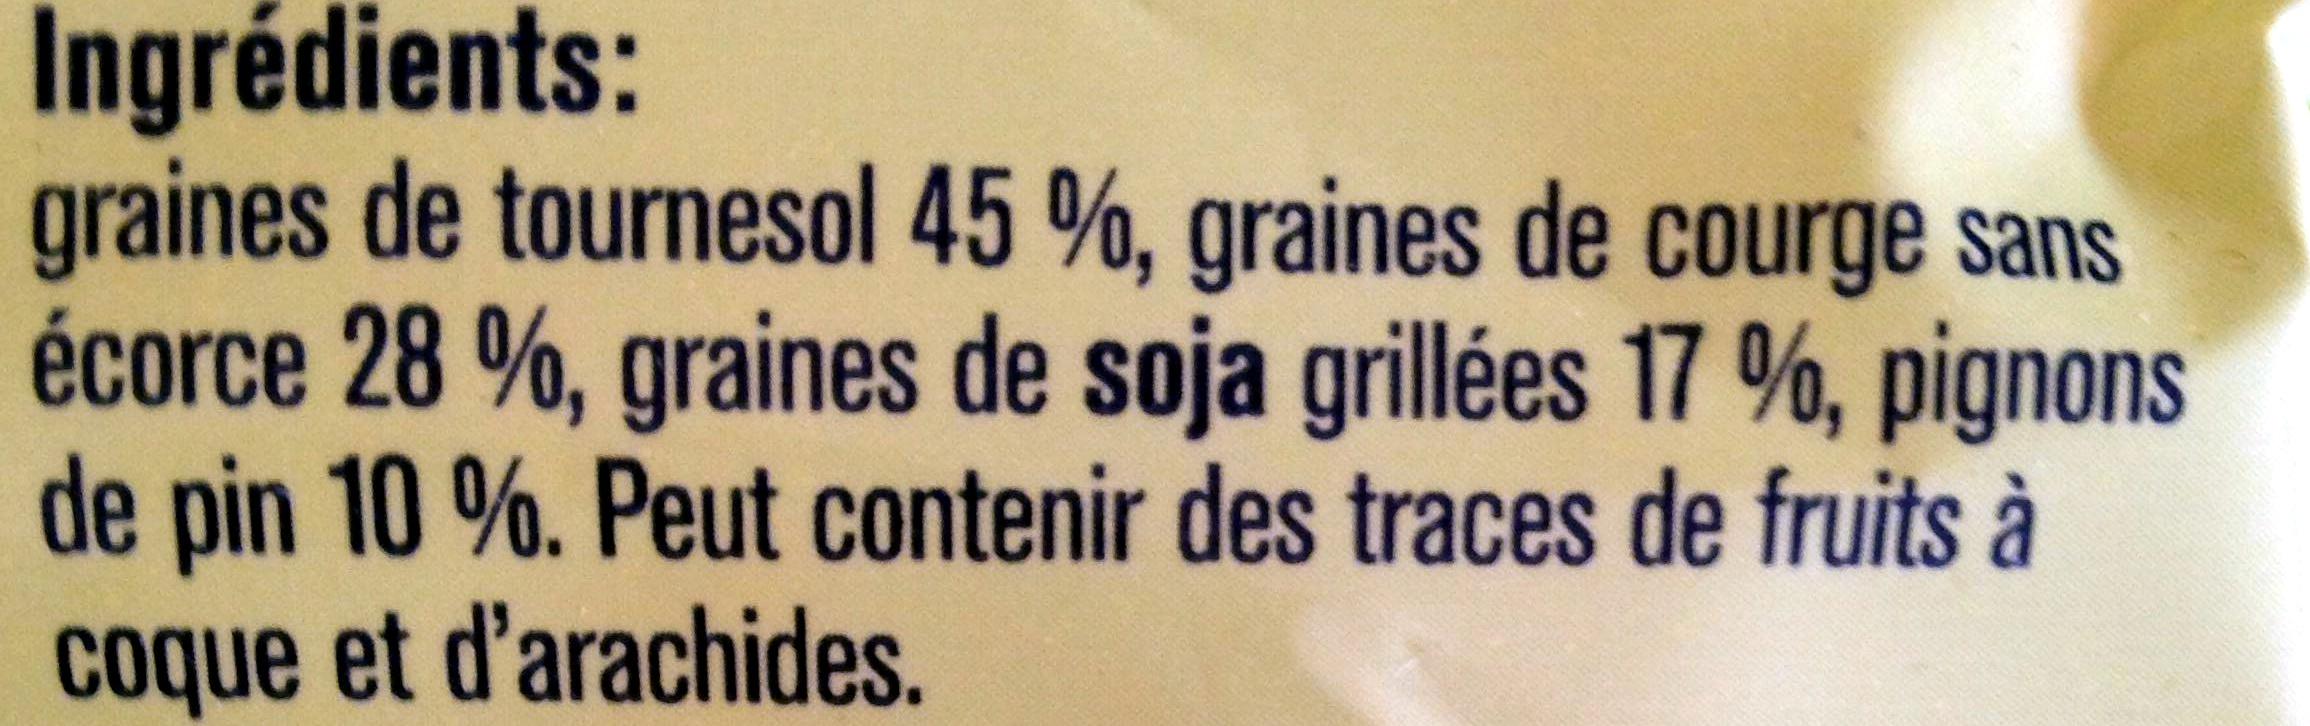 croque vital - Ingredients